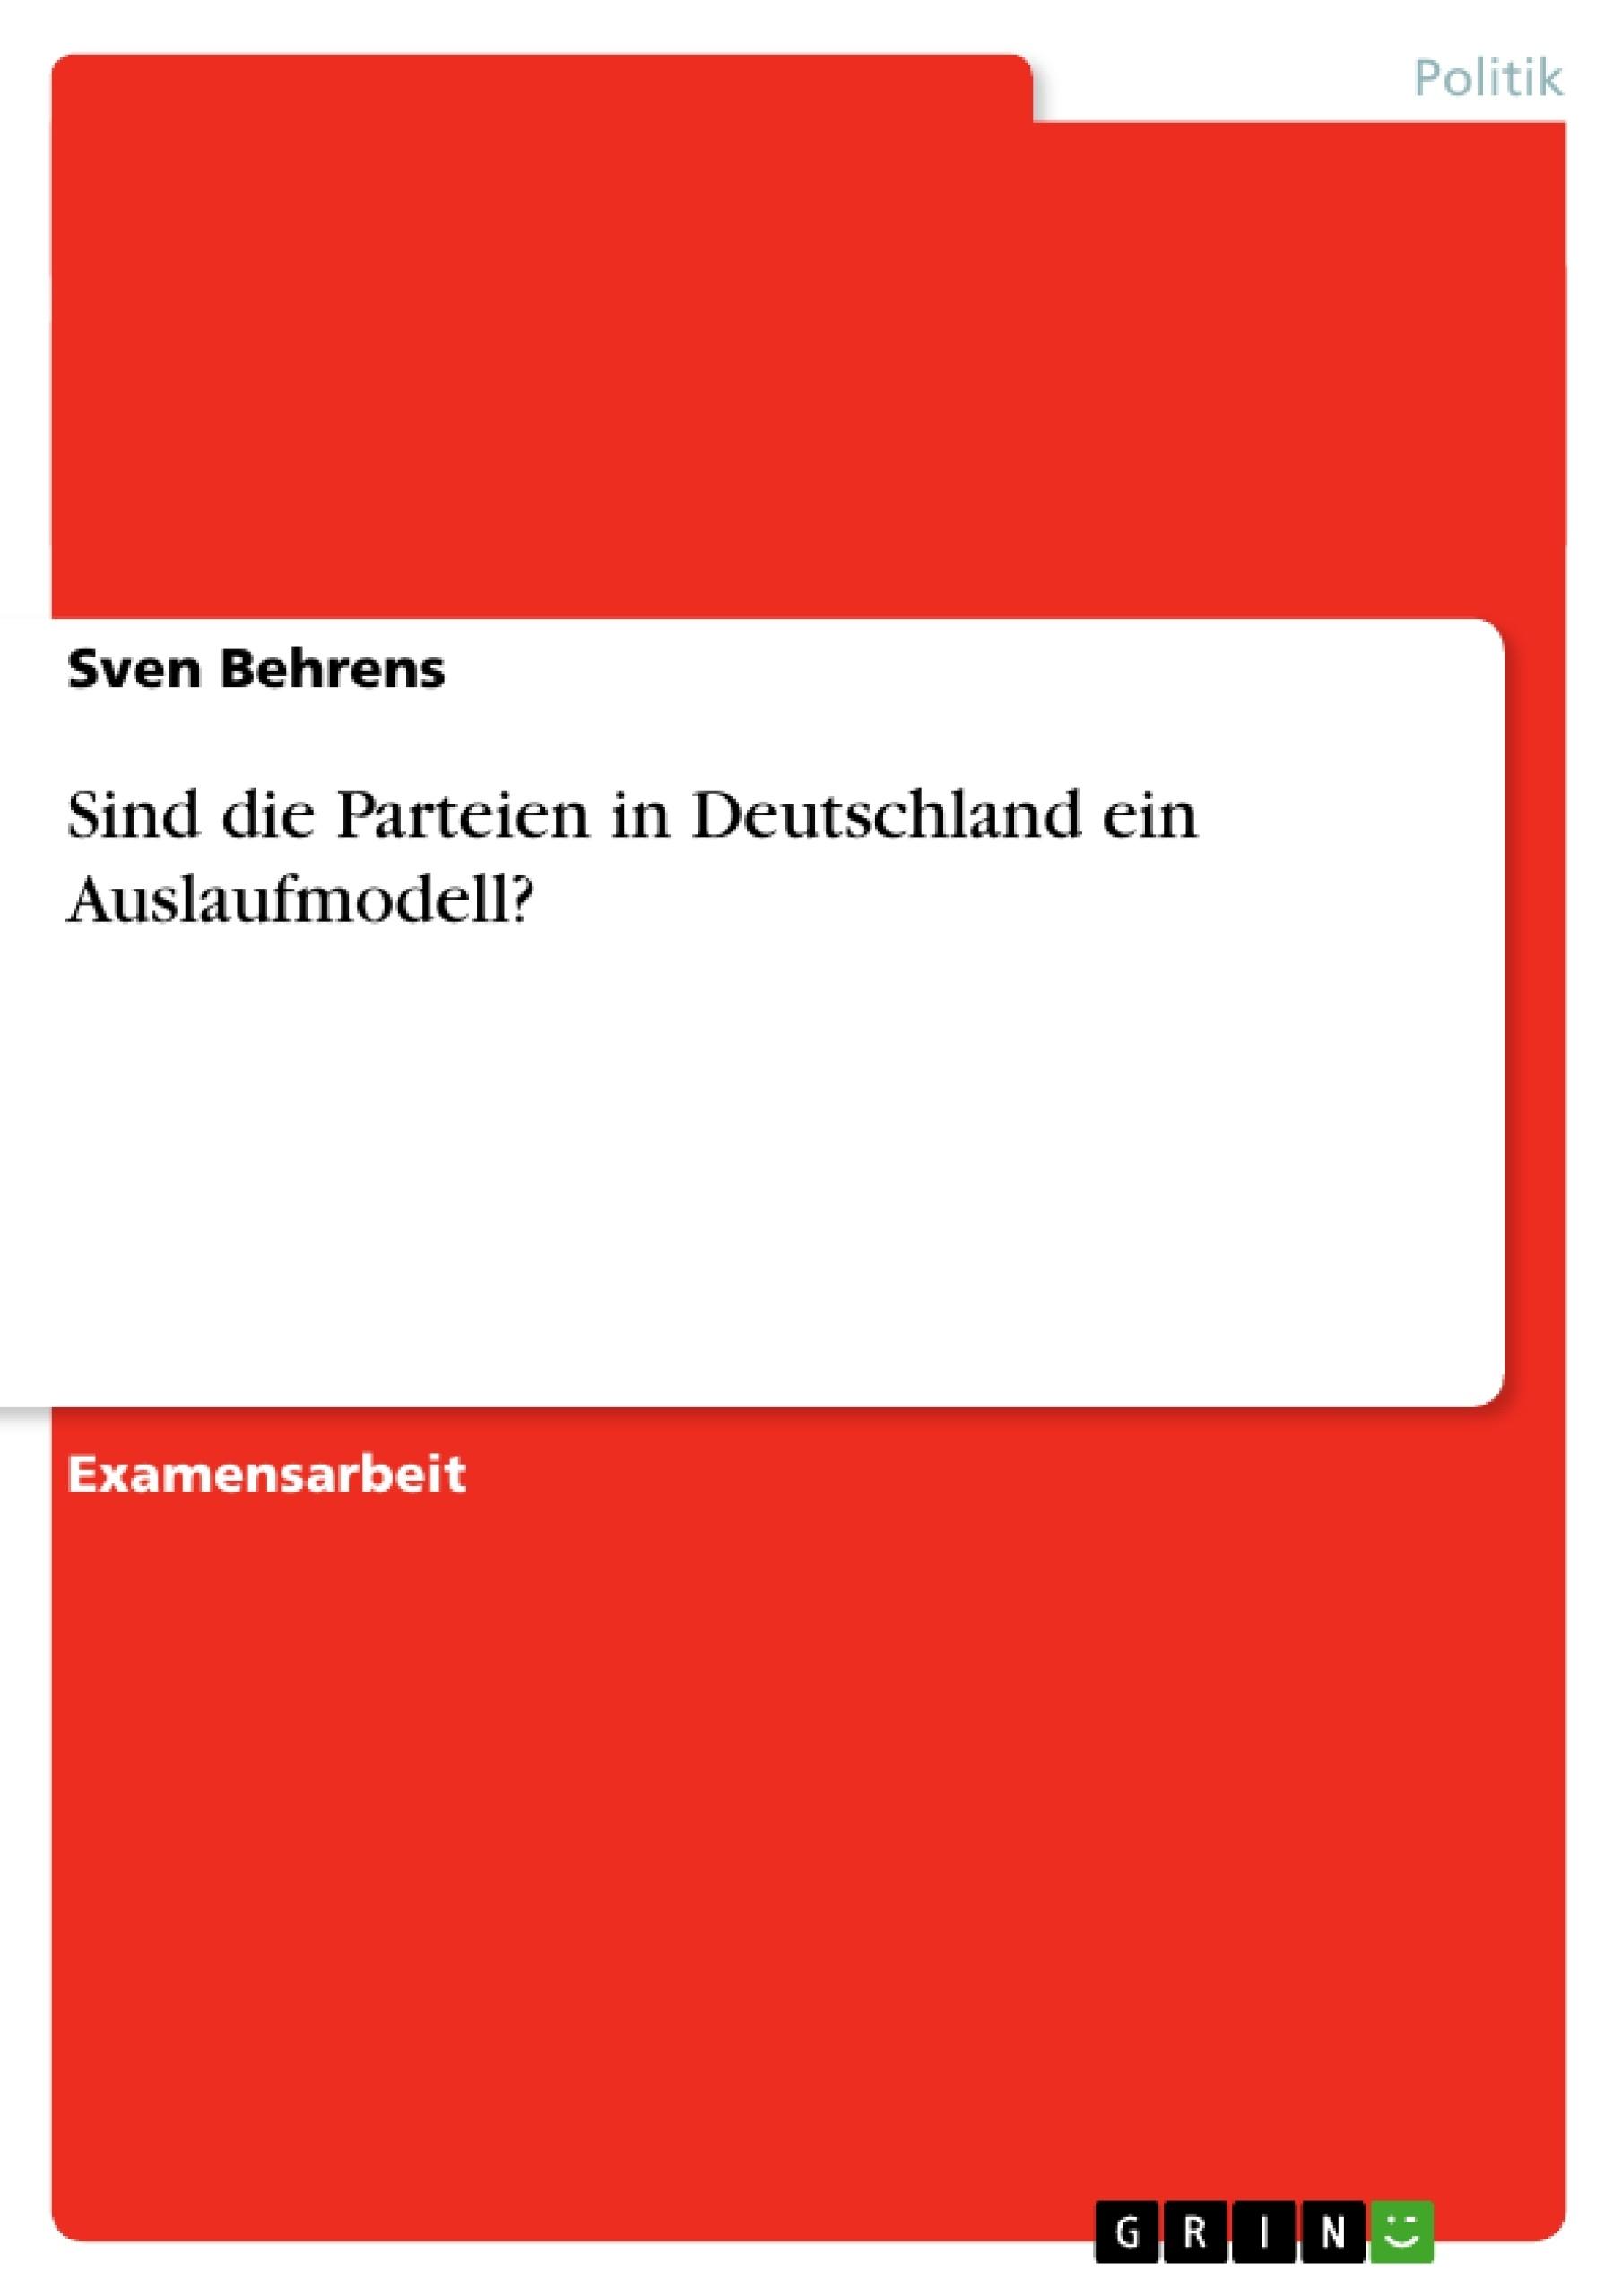 Titel: Sind die Parteien in Deutschland ein Auslaufmodell?